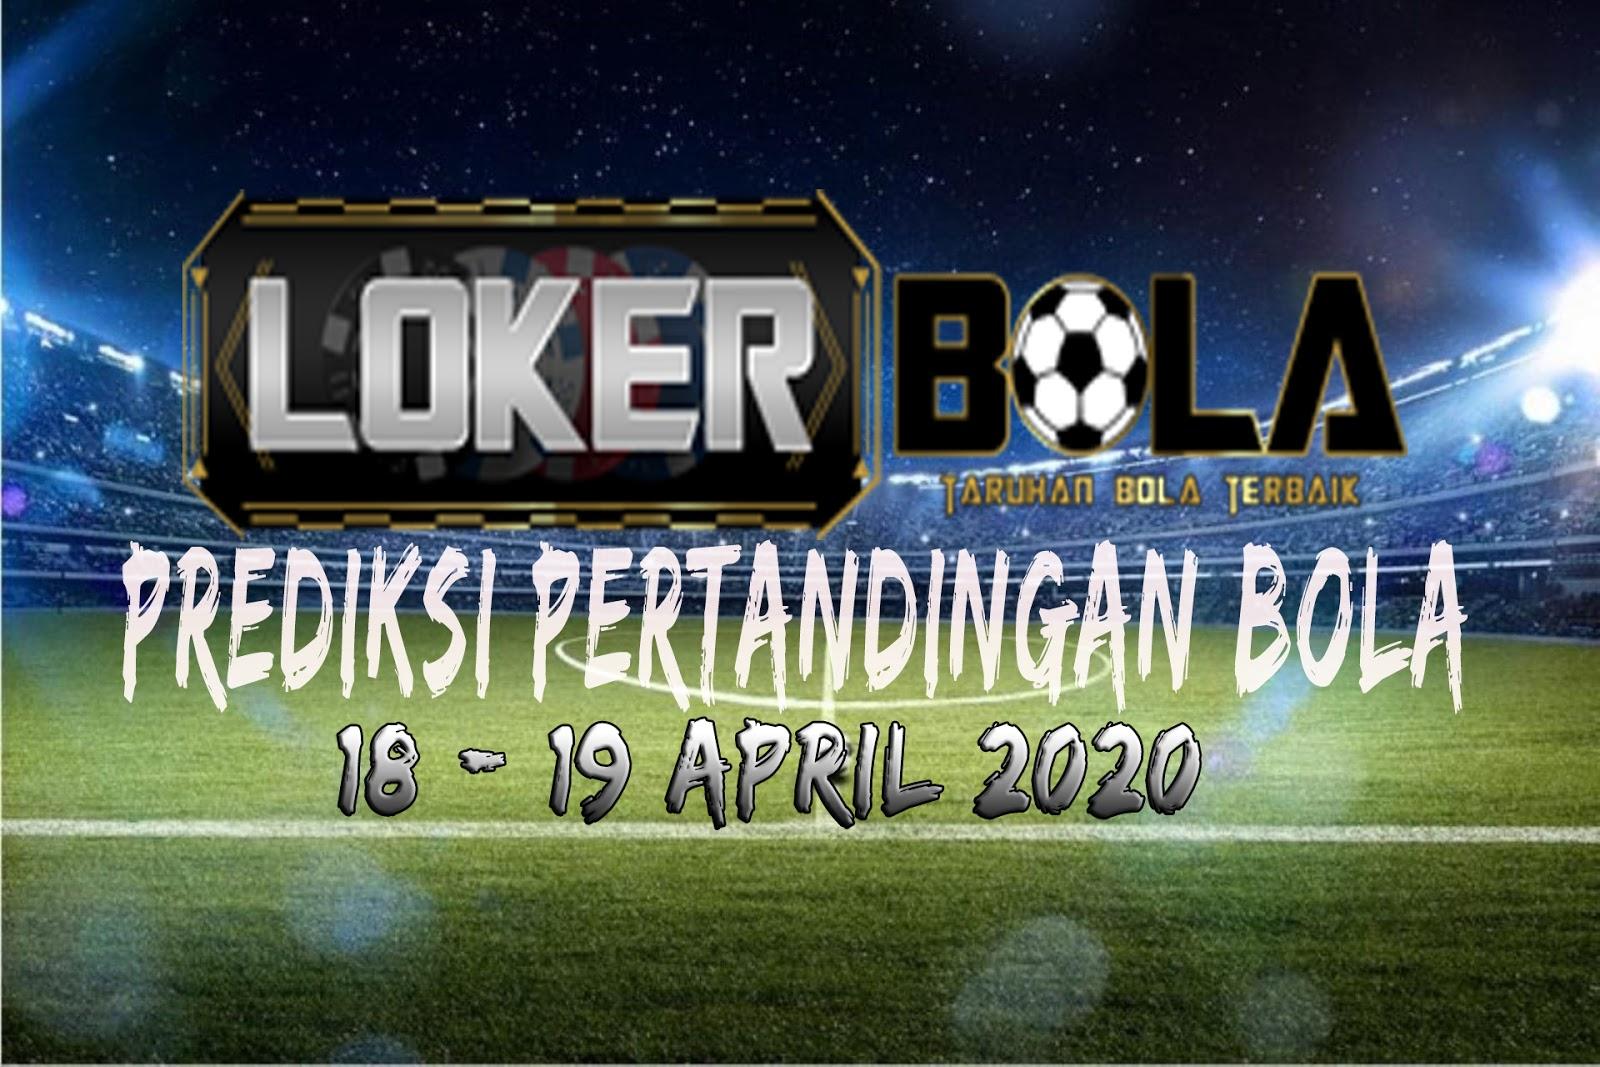 PREDIKSI PERTANDINGAN BOLA 18 – 19 APRIL 2020